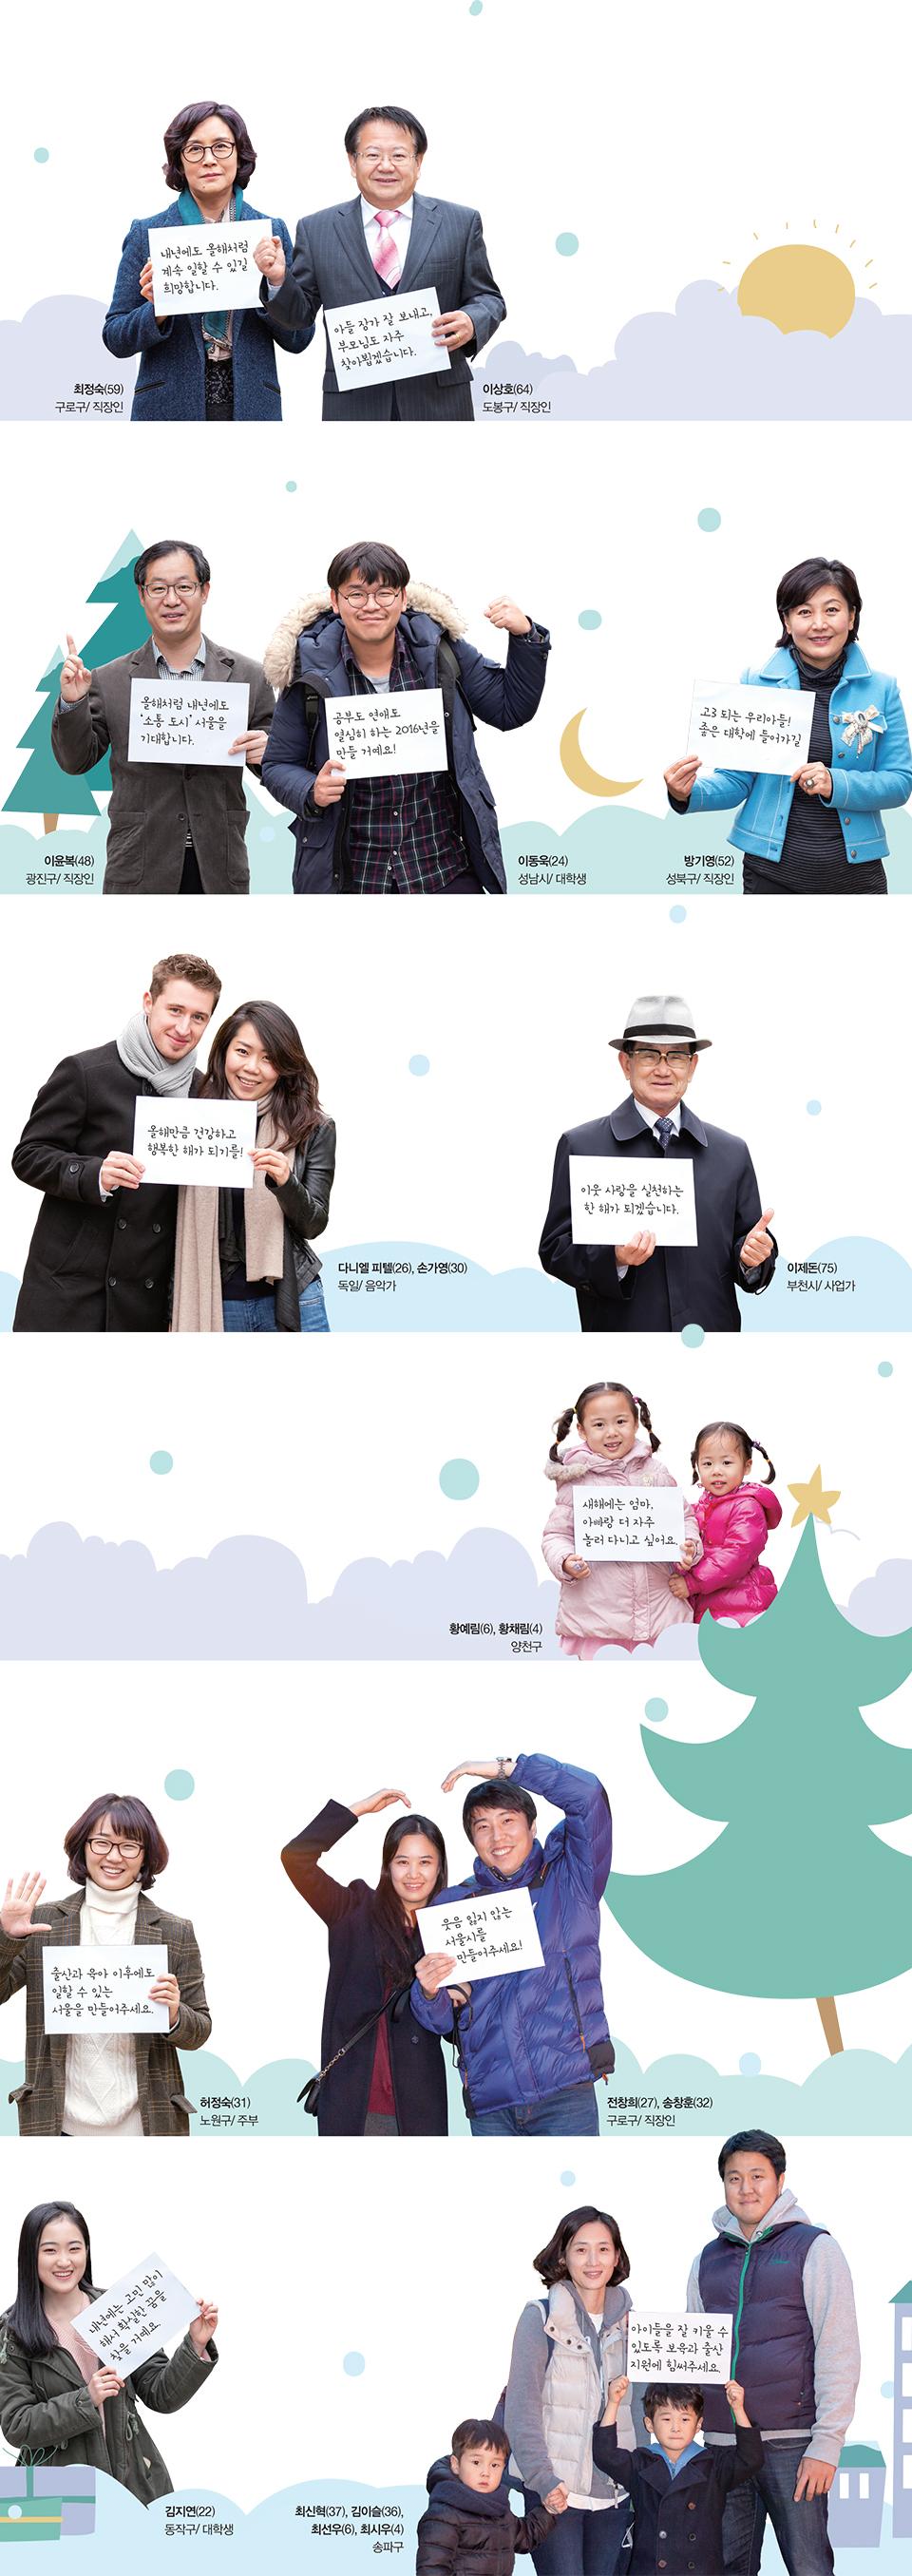 서울 거리에서 만난 시민들의 새해 소망 인터뷰